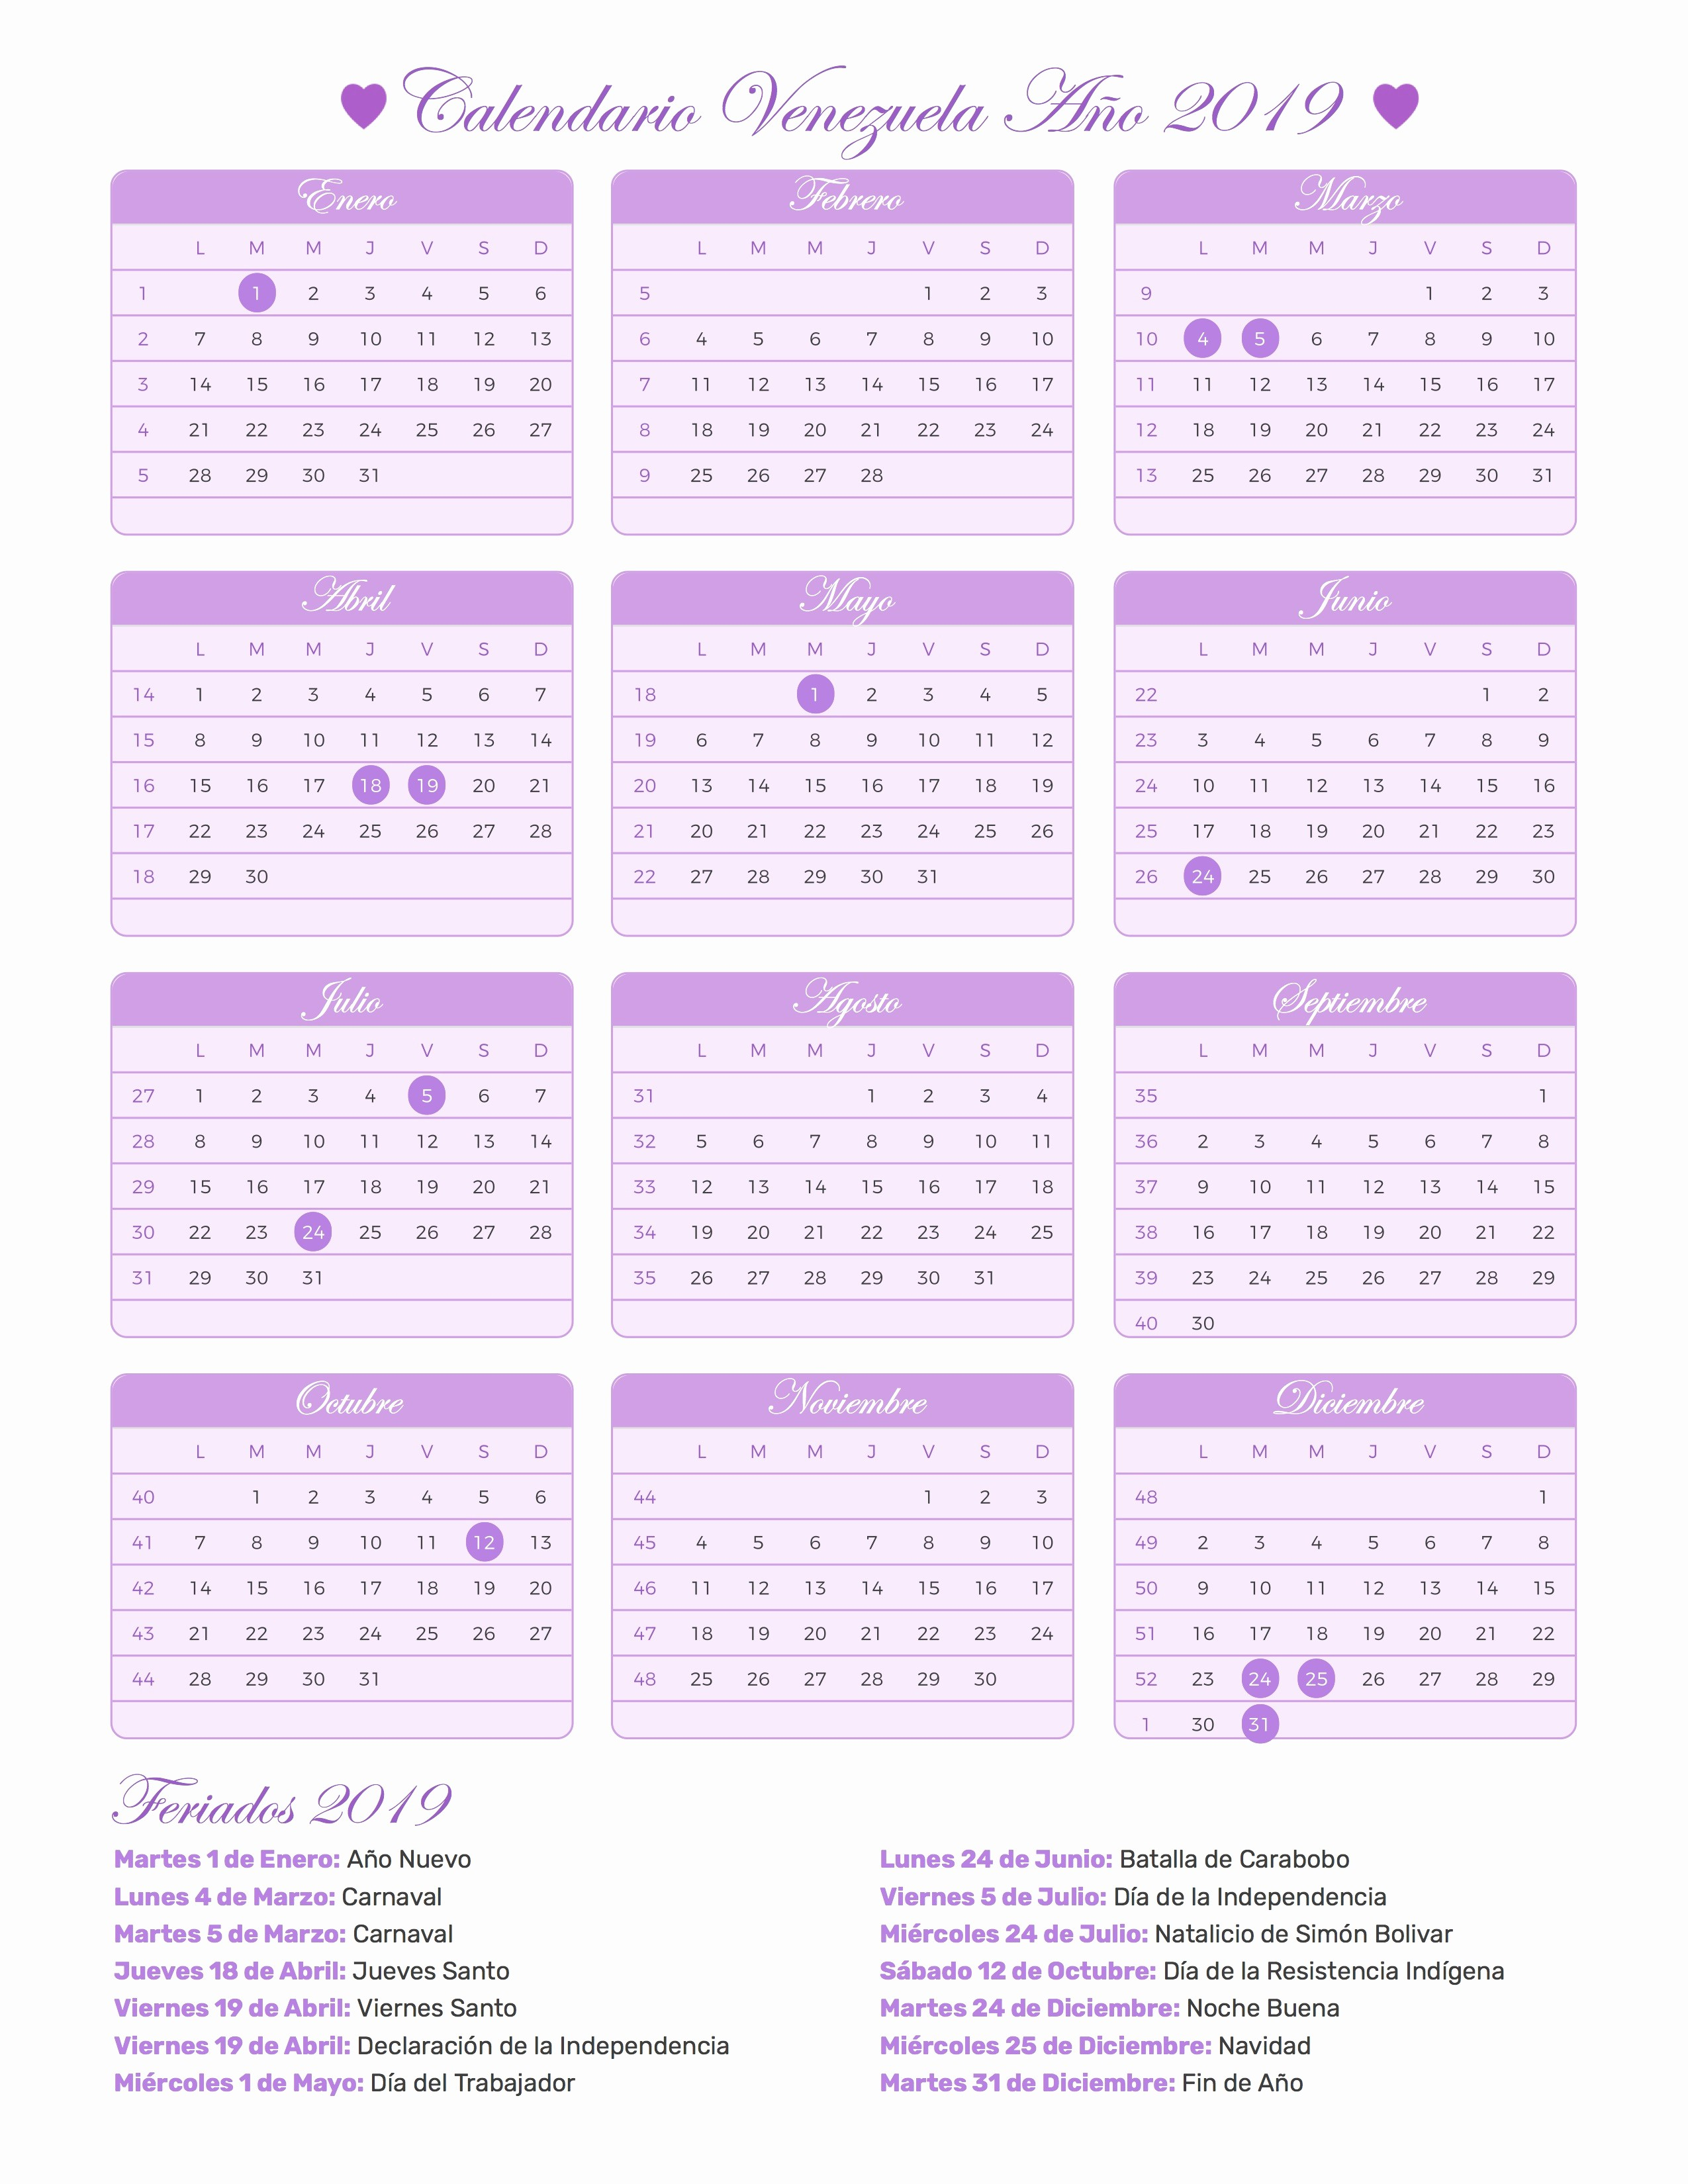 Calendario Laboral Barcelona 2019 Para Imprimir Más Actual Calendario 2019 Marca Dactrimunnam